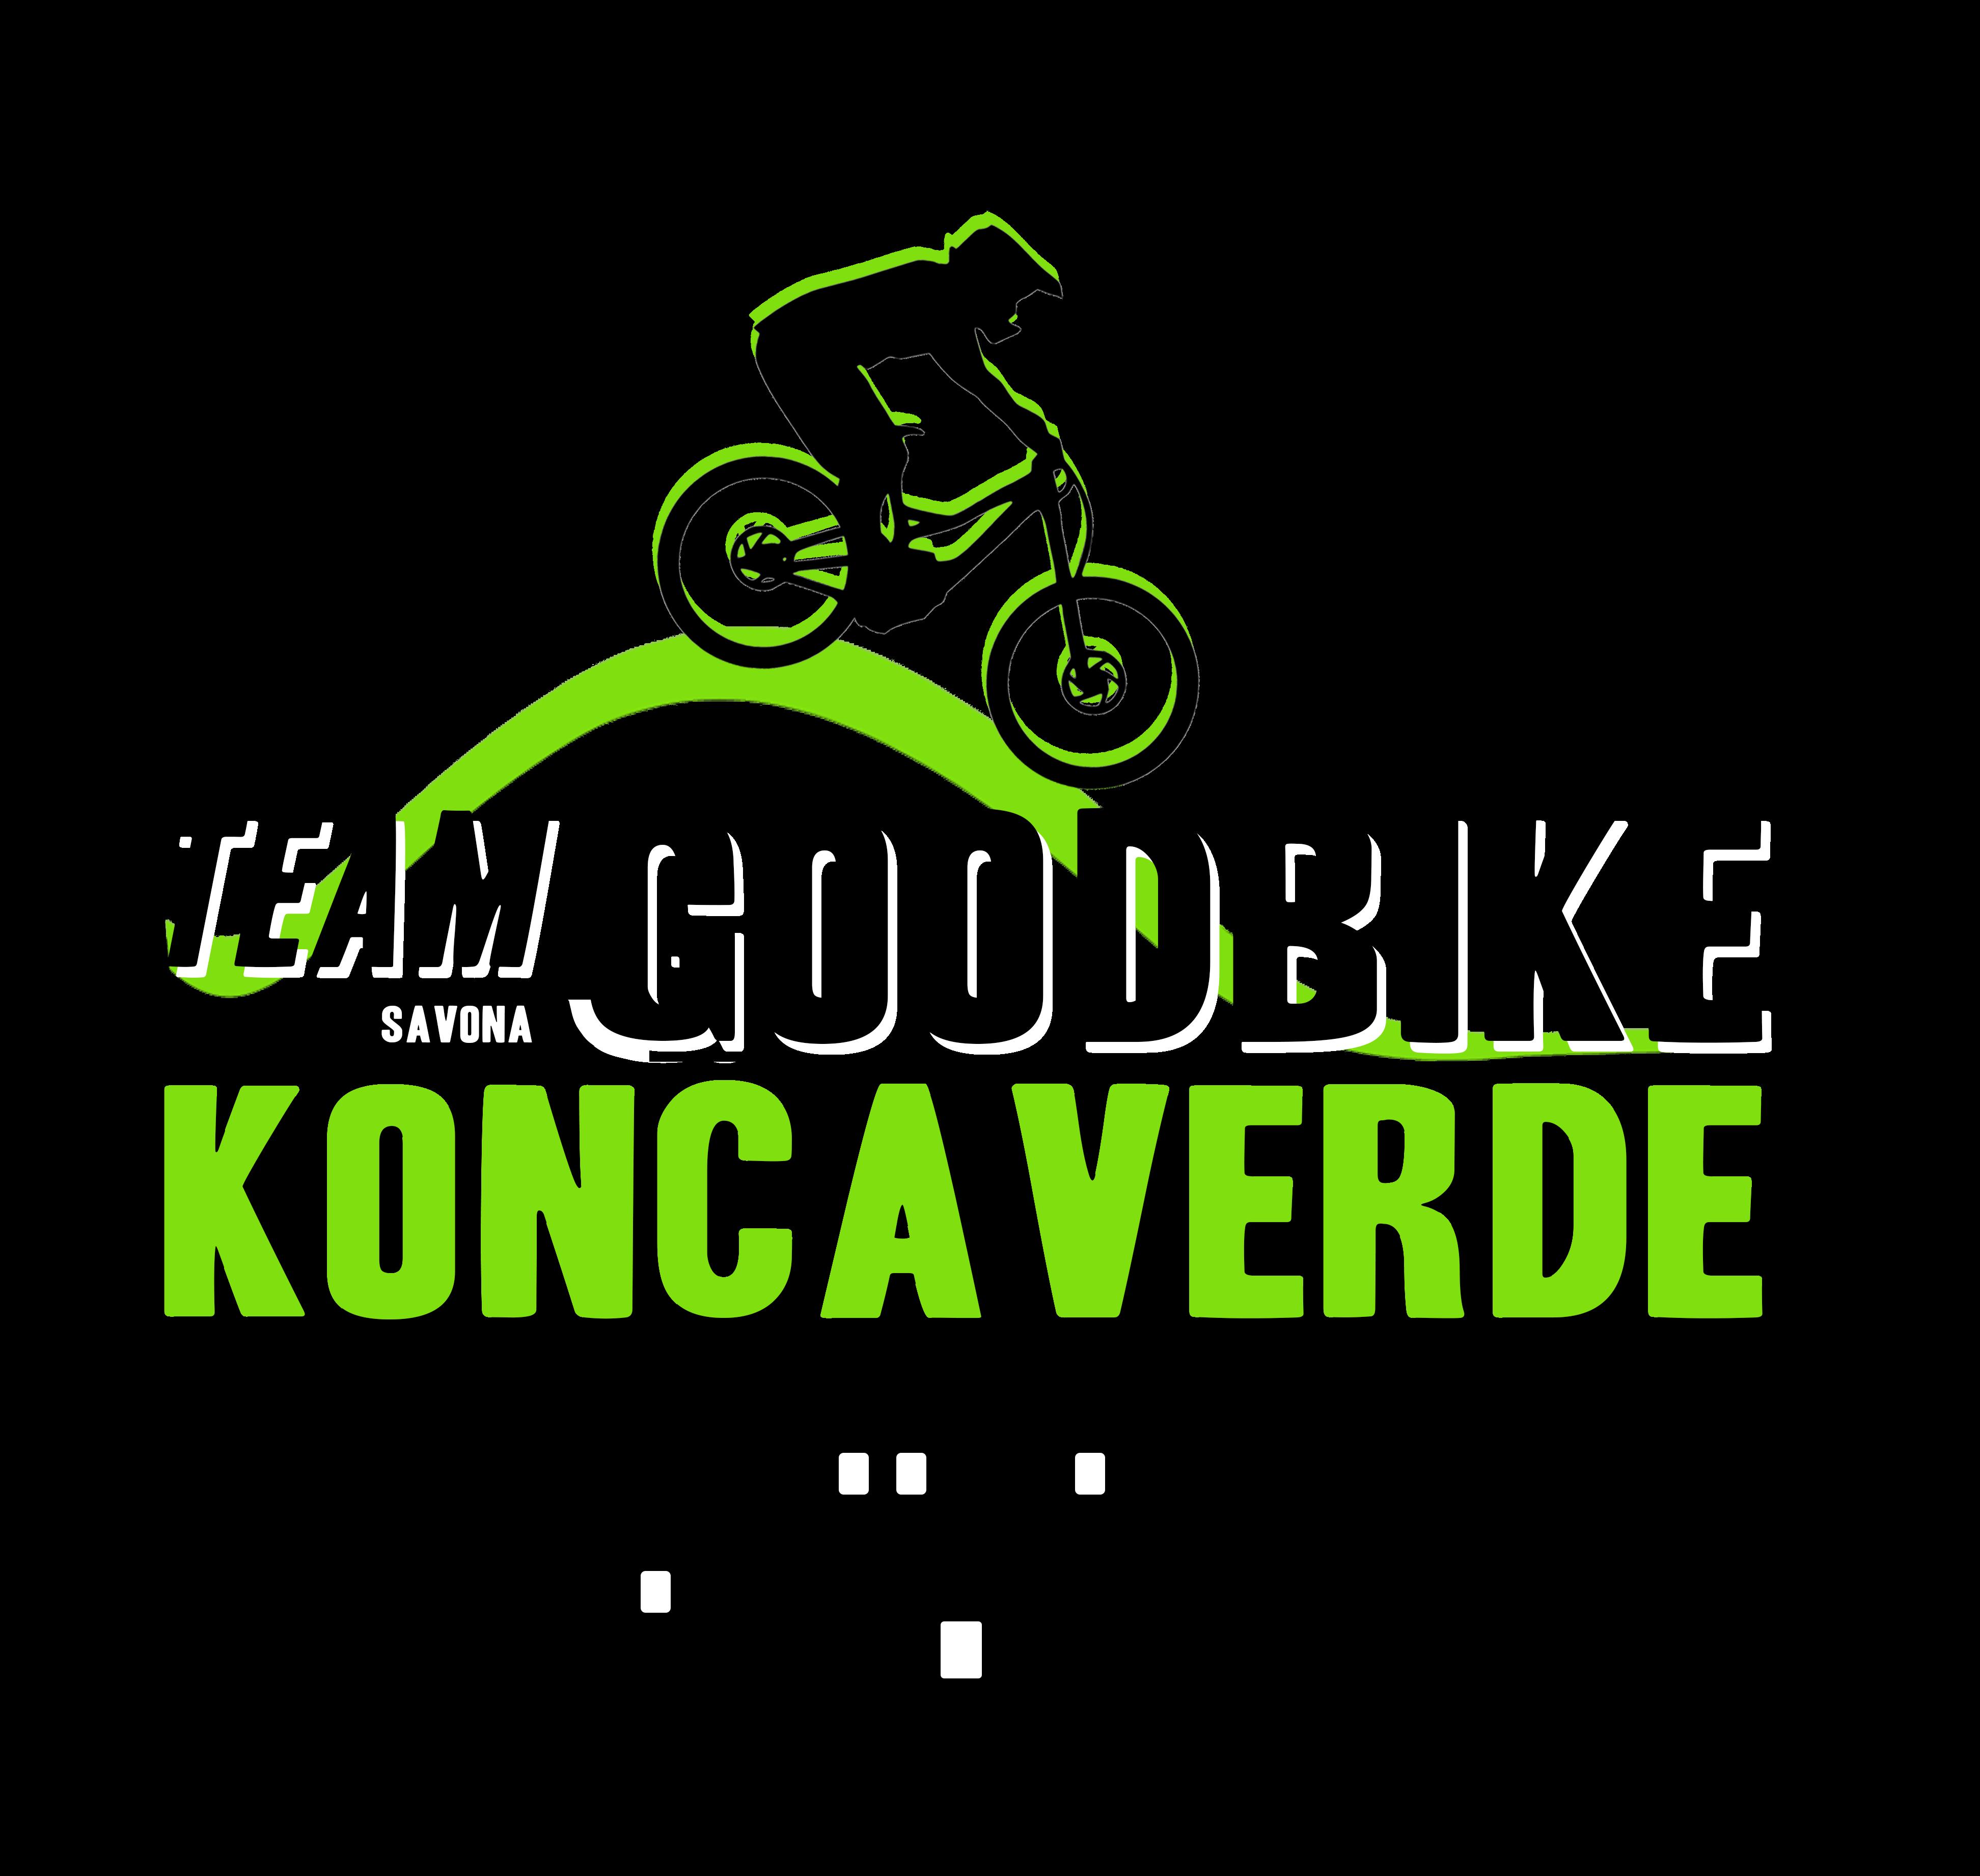 Team GoodBike Konca Verde